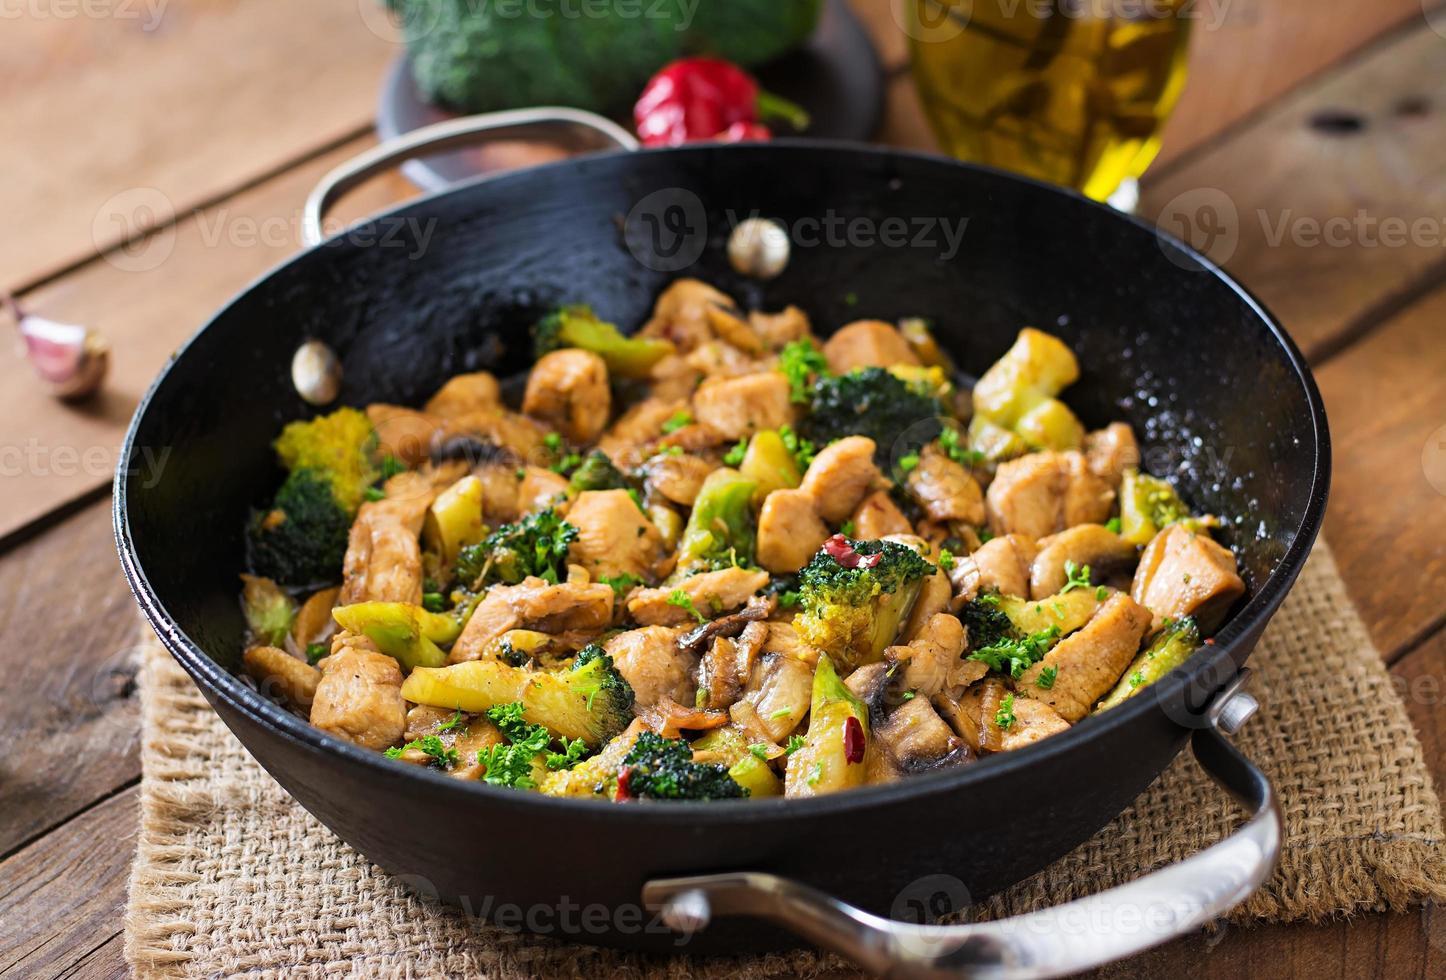 sauté de poulet au brocoli et aux champignons - cuisine chinoise photo